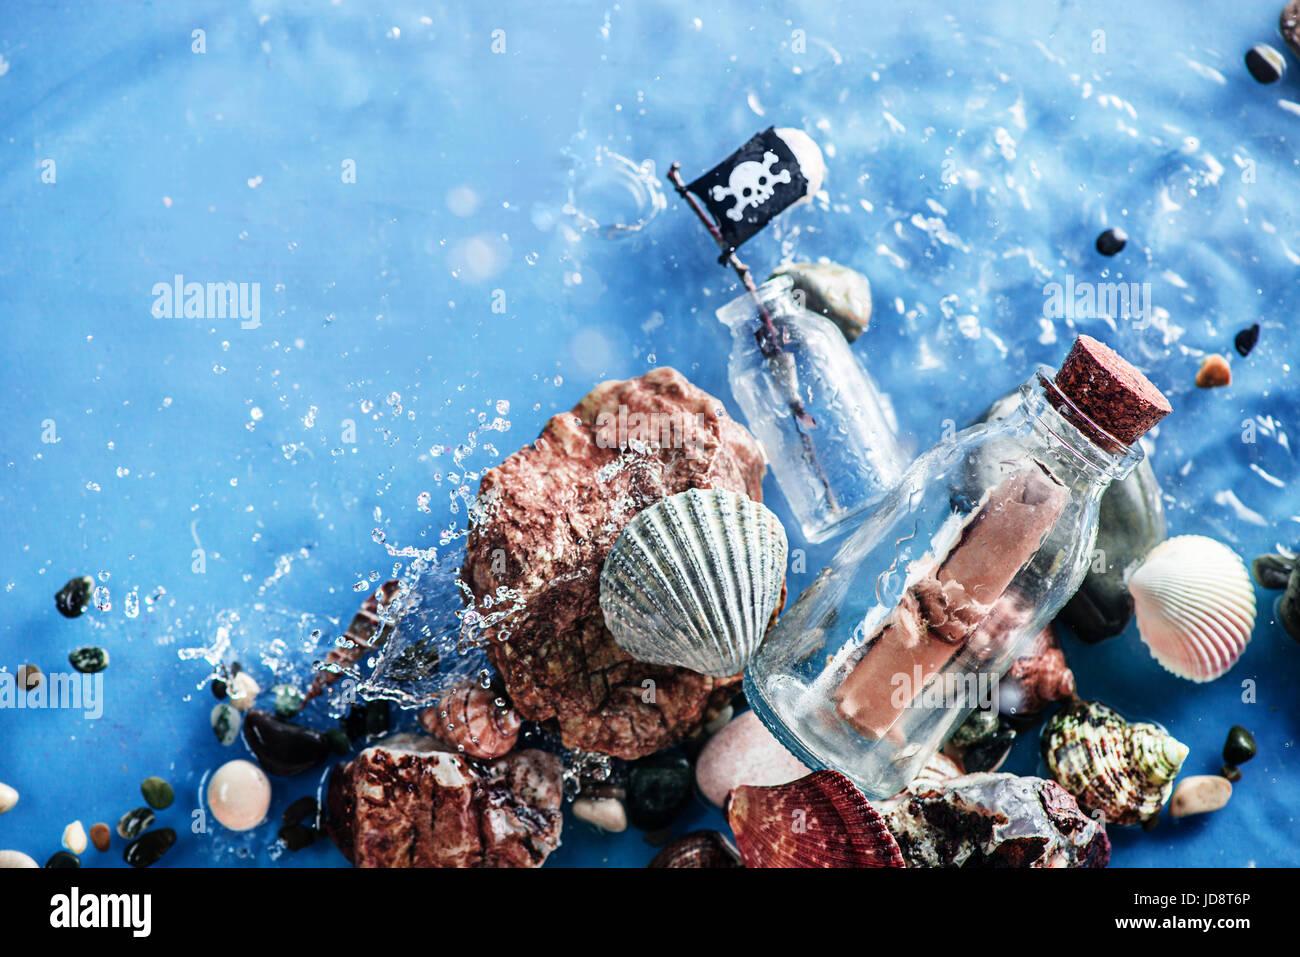 Mensaje pirata en una botella de vidrio en aguas poco profundas con rizado de seawave. todavía la vida submarina. Foto de stock